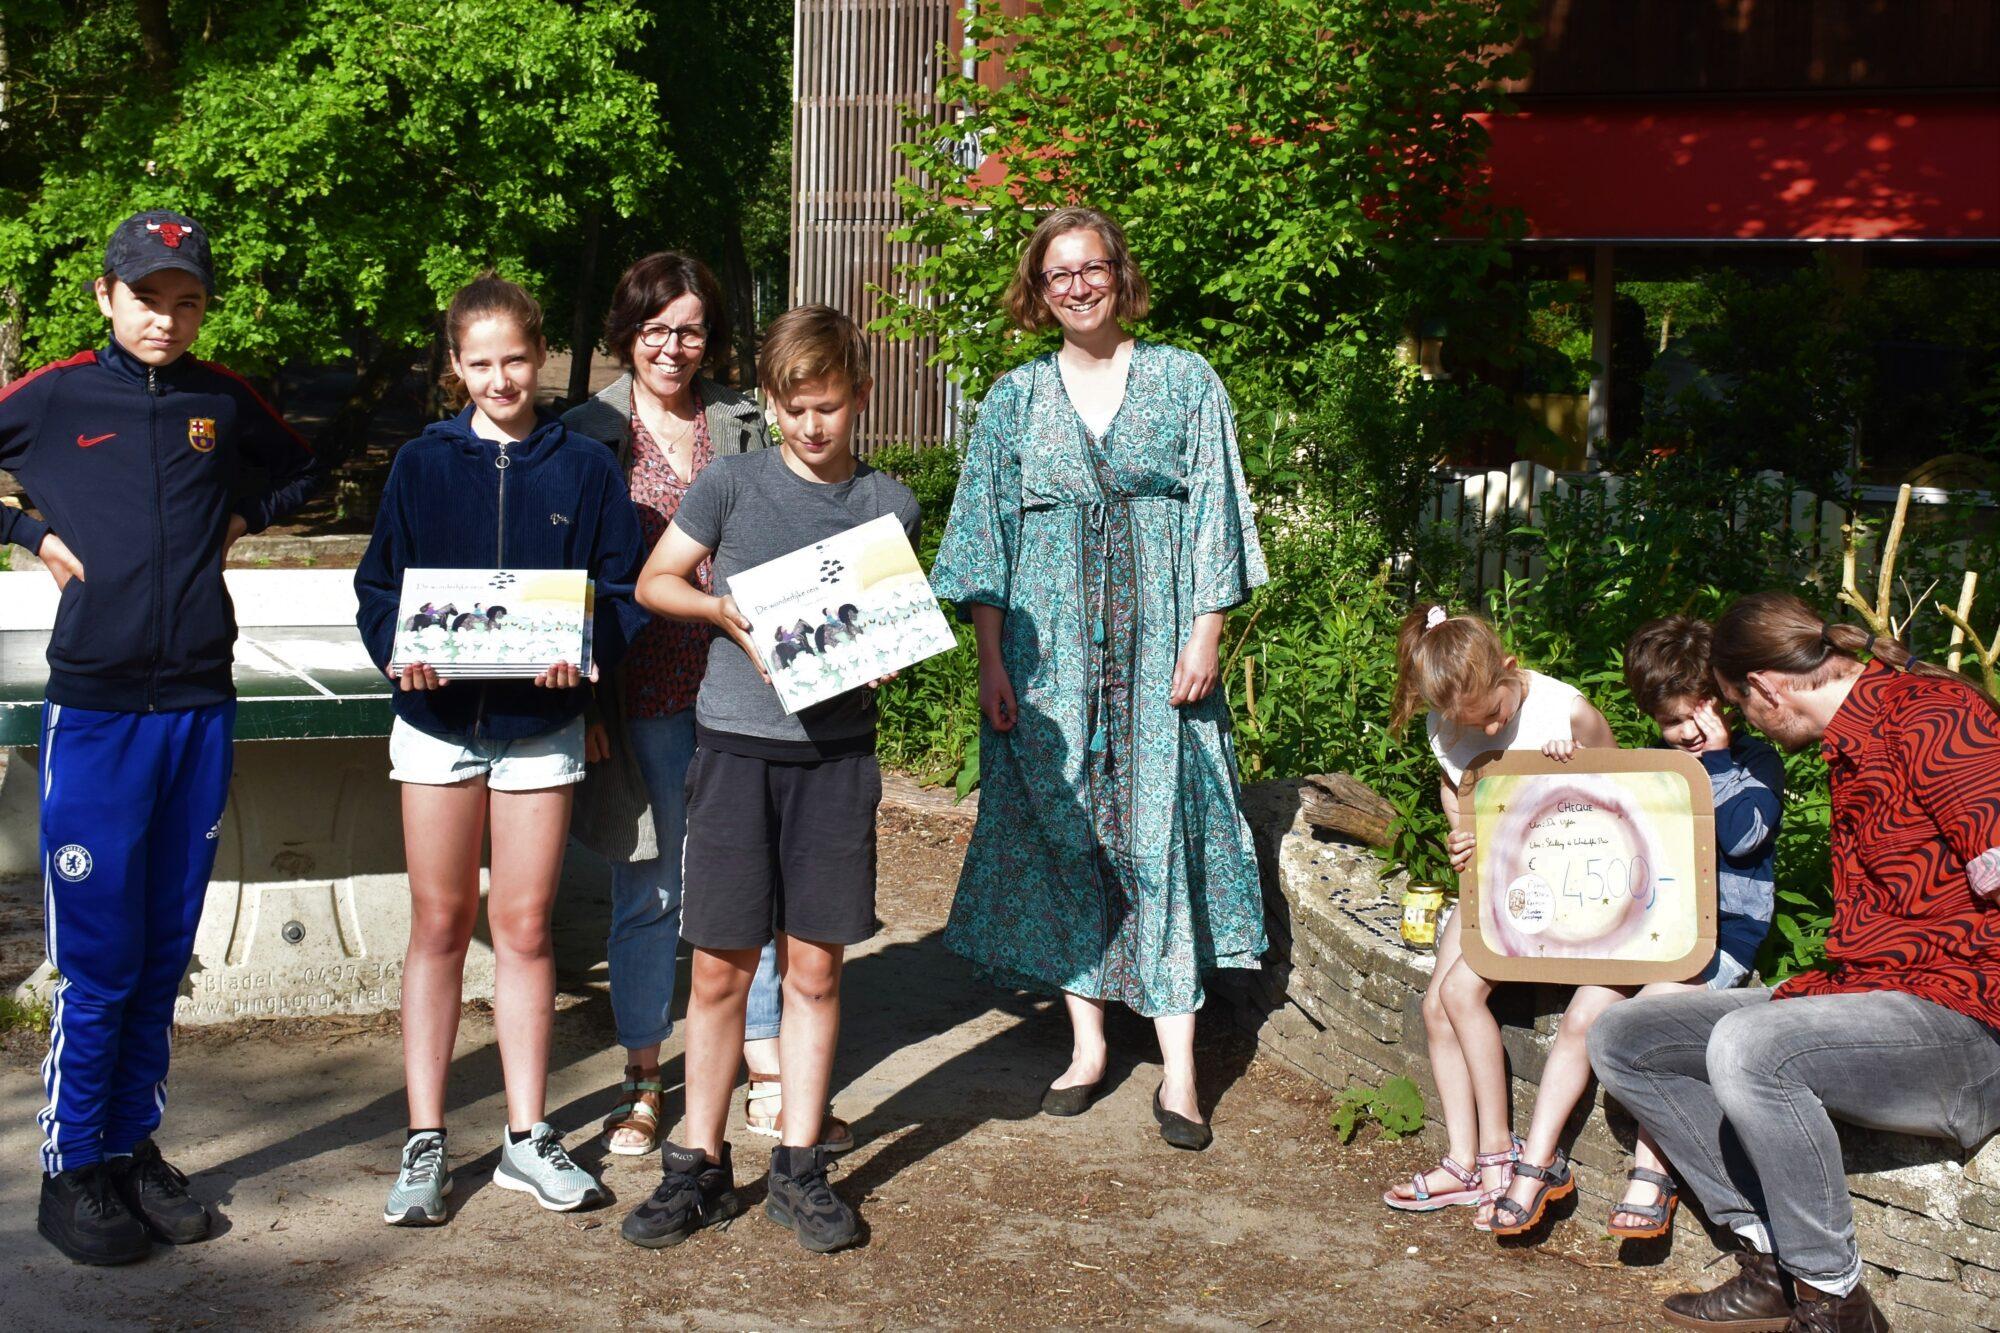 'De Wonderlijke Reis' gaat door; school haalt recordbedrag op met sponsorloop